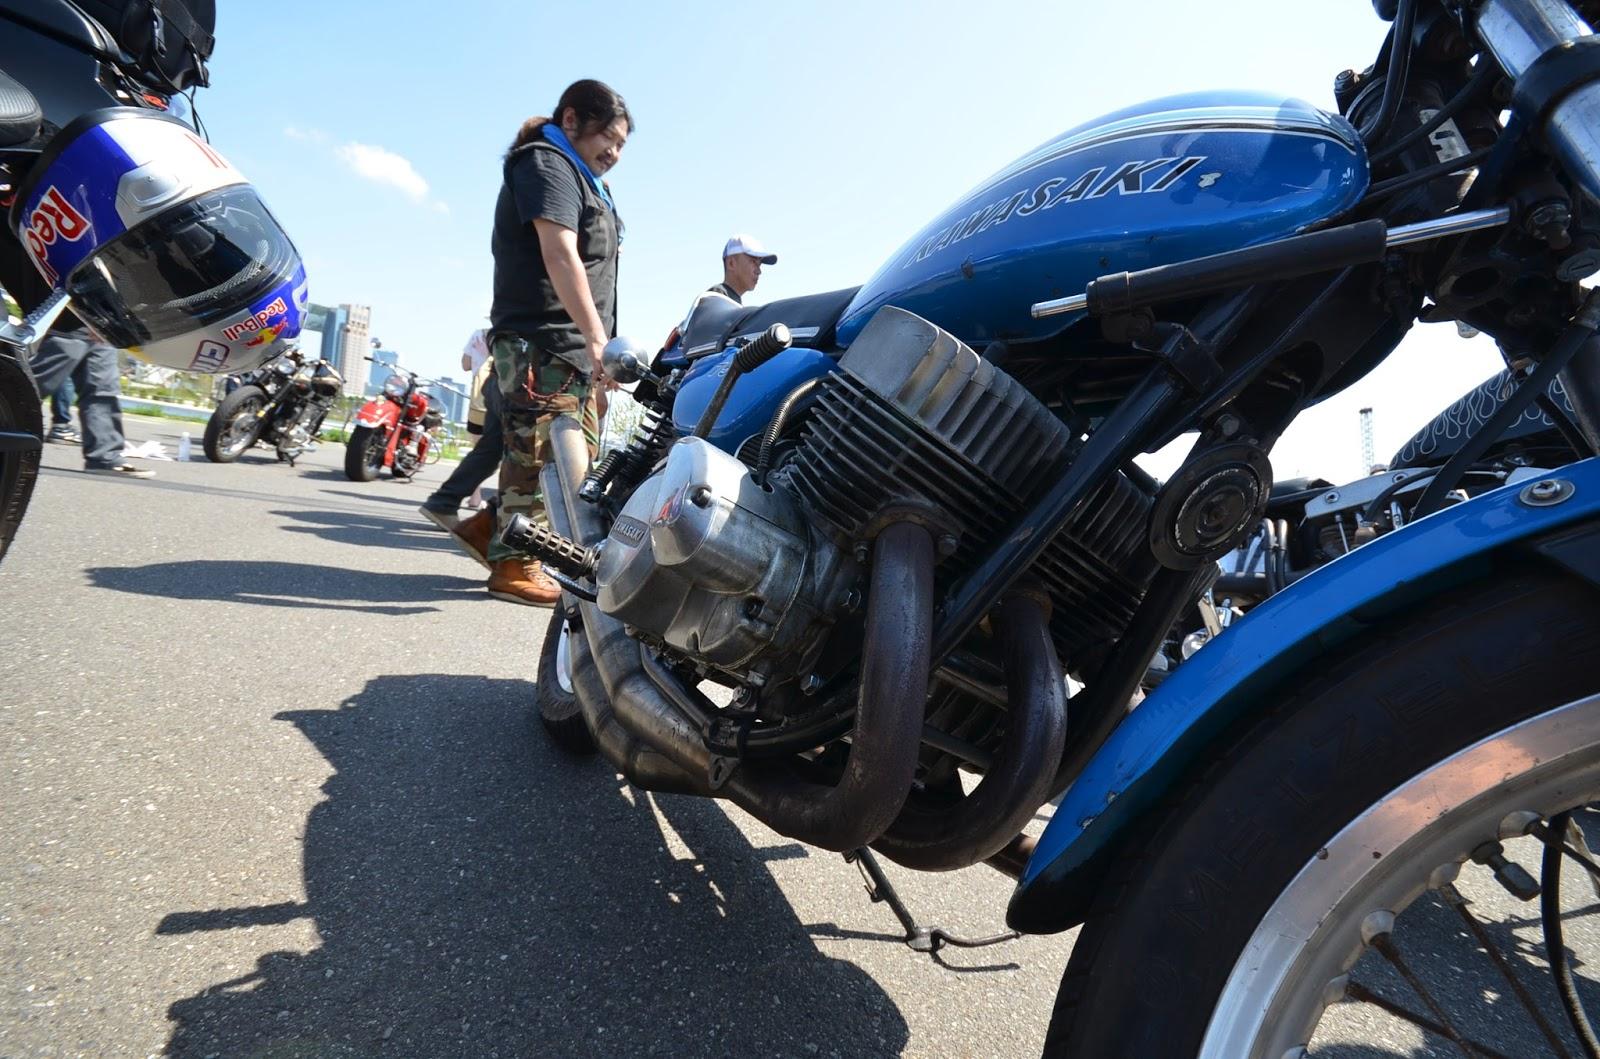 ix center motorcycle swap meet 2013